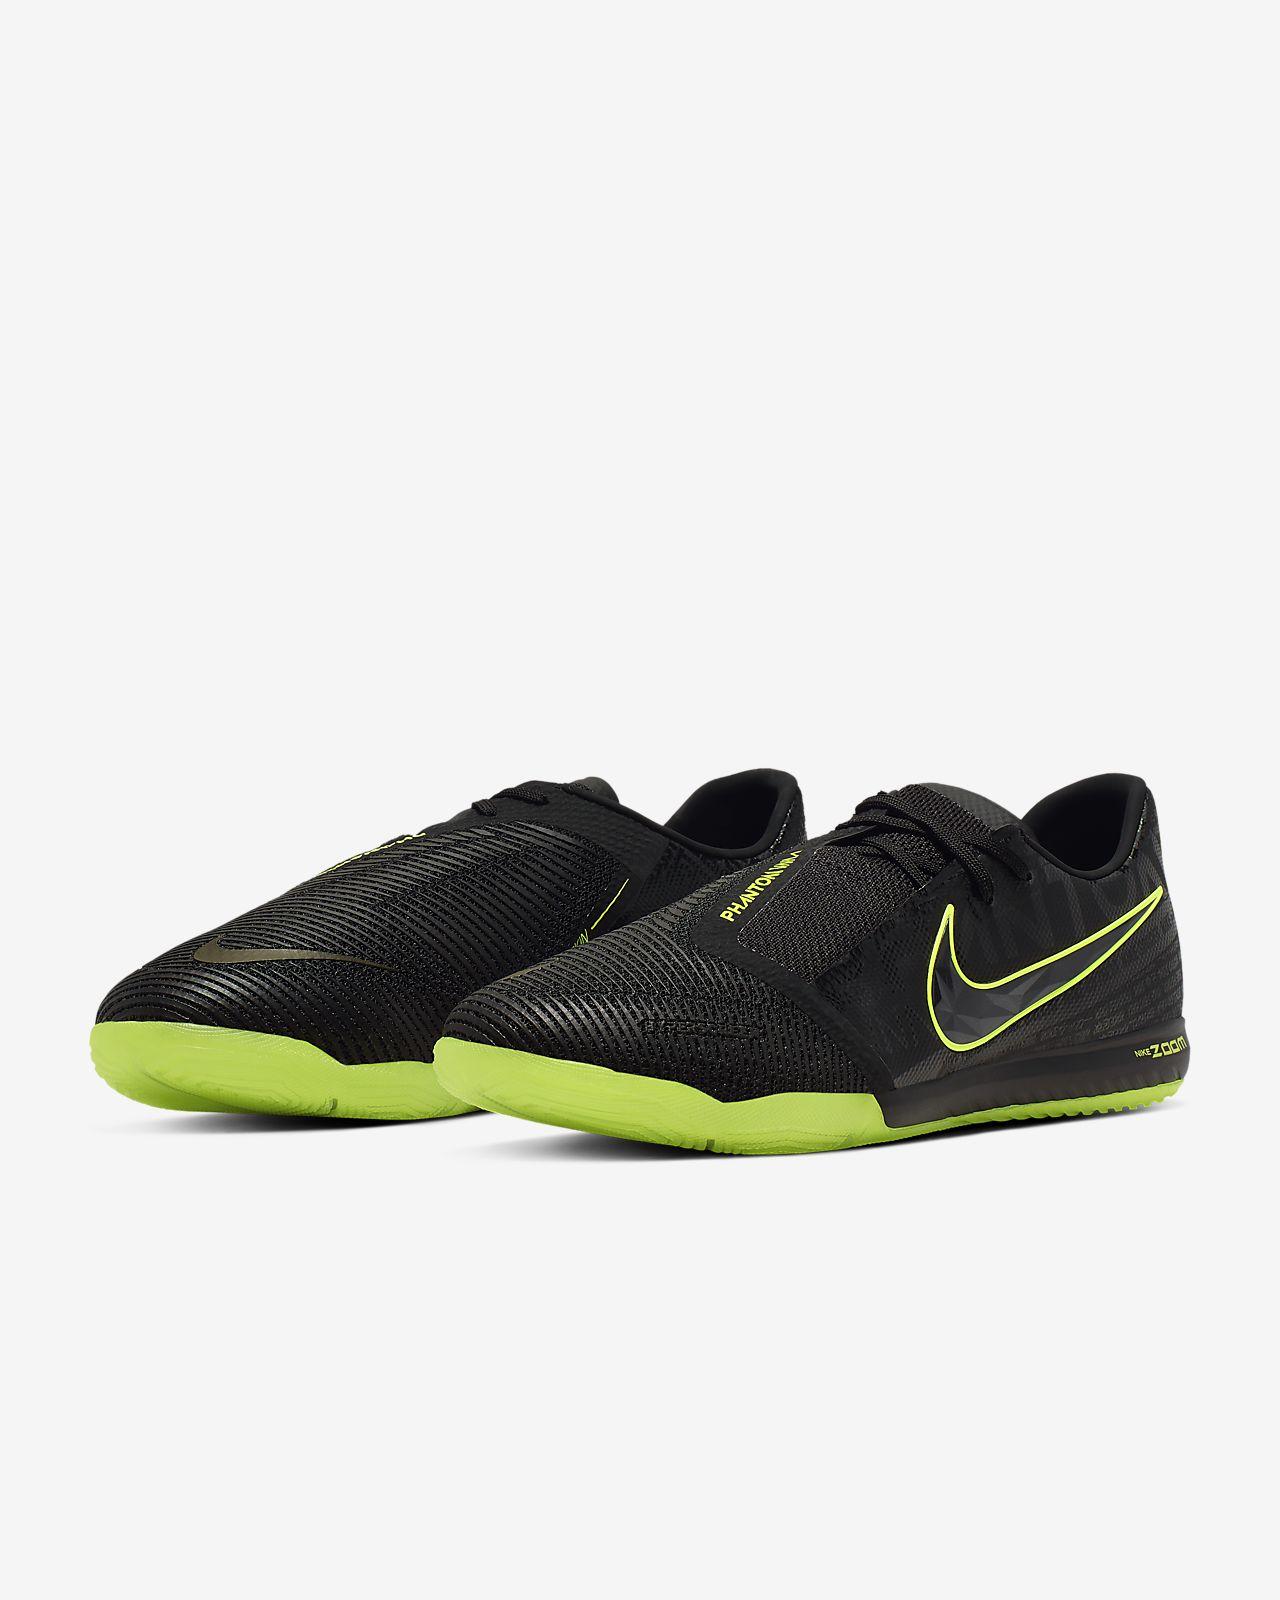 Tenis Nike ZOOM Phantom Venom Pro IC